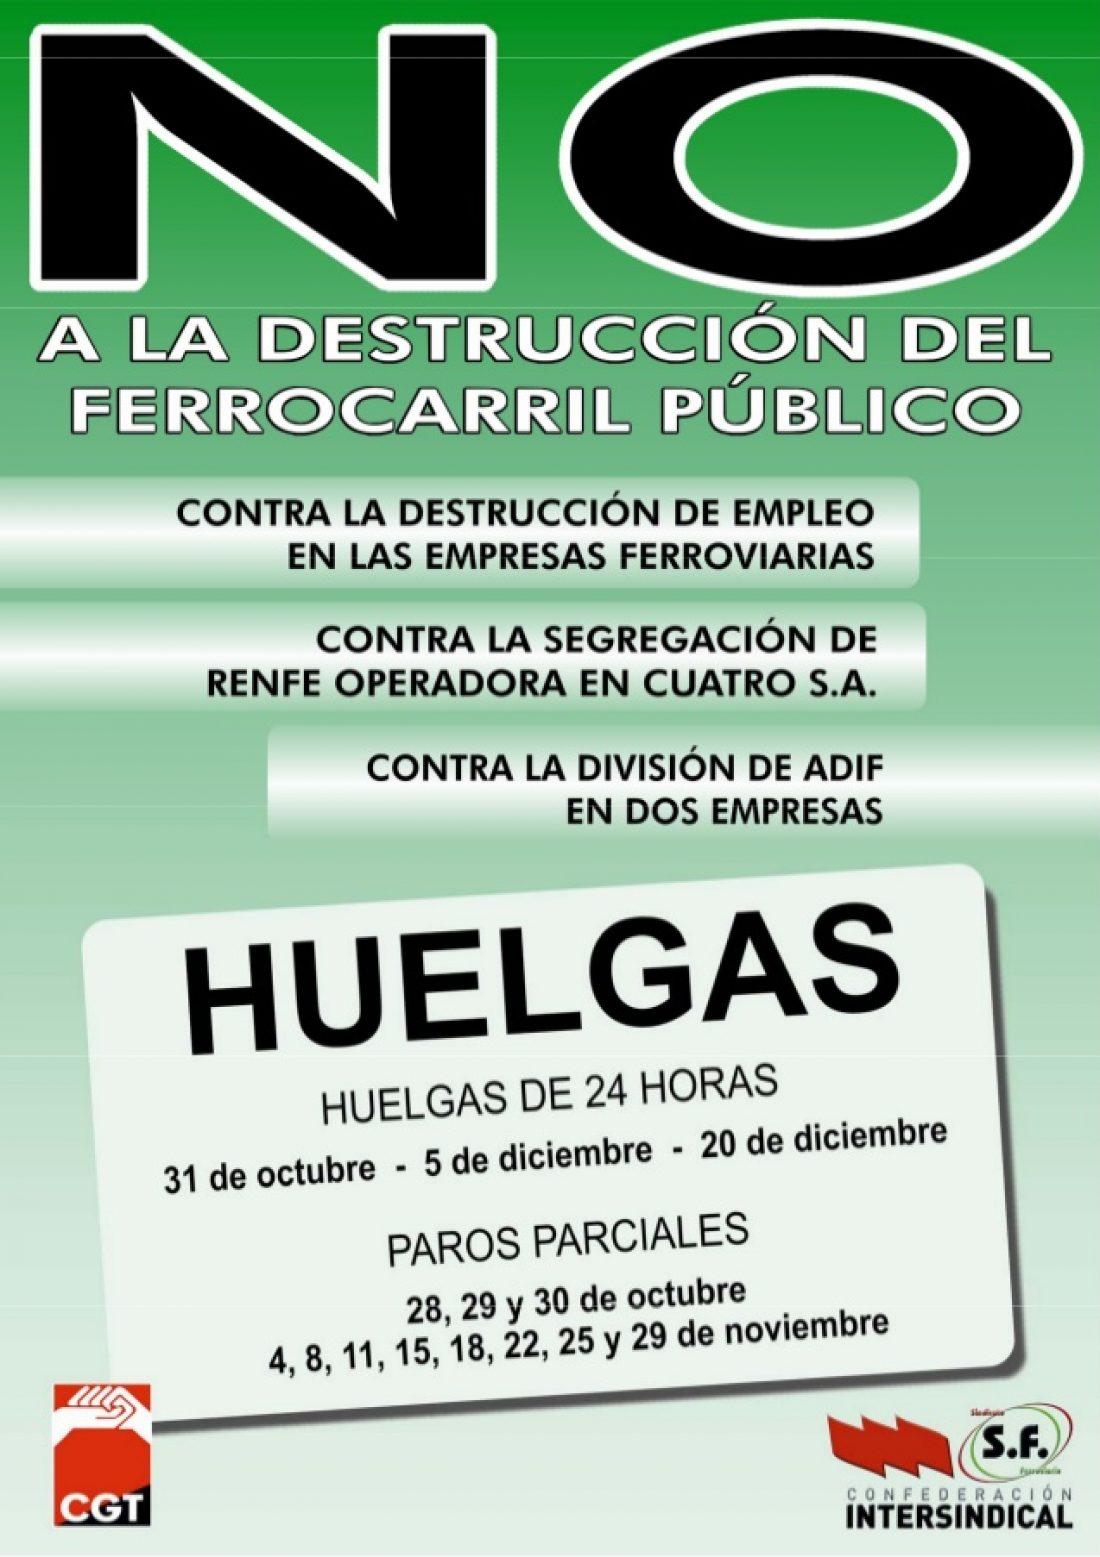 CGT convoca calendario de huelgas en el ferrocarril contra la destrucción de empleo y en defensa del servicio público y social